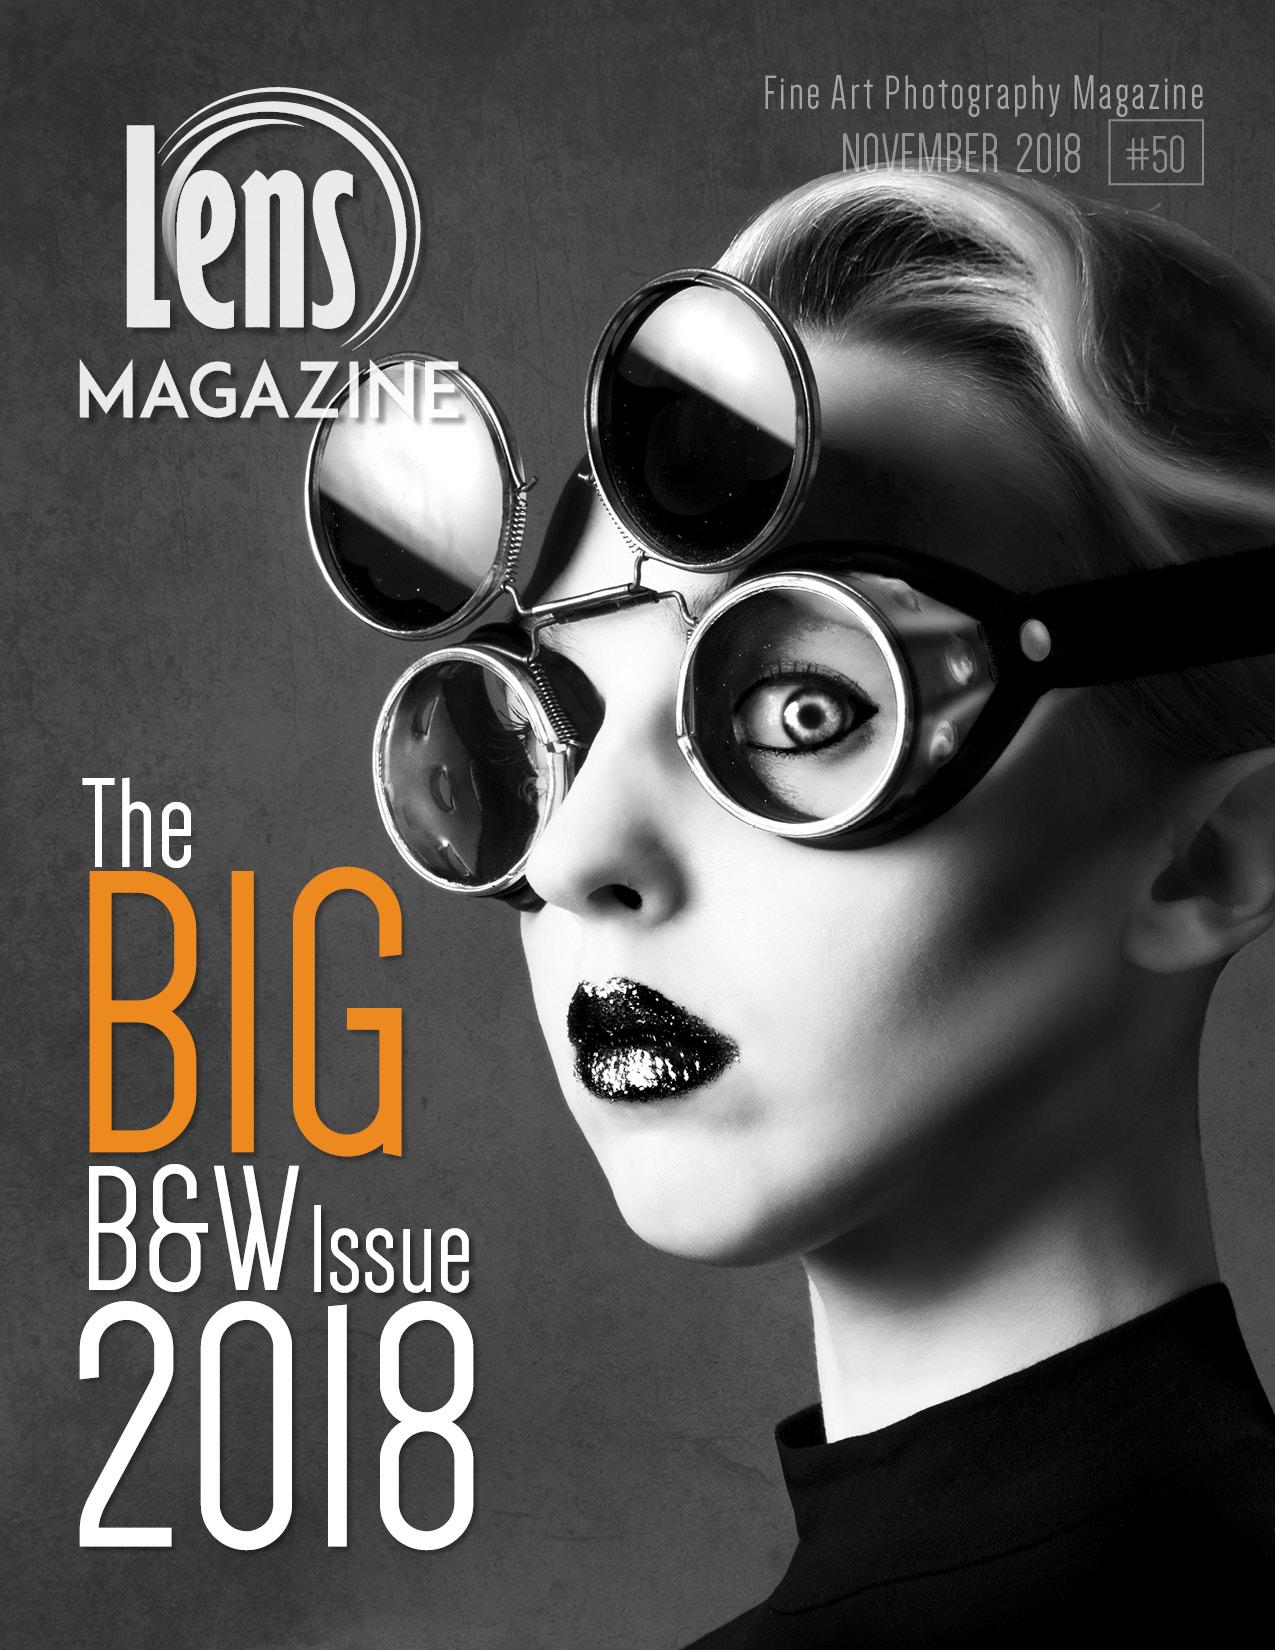 Lens_magazine_issue5_valerie_paumelle_agent_juliette_jourdain_photographer_portrait_artwork (2).jpg